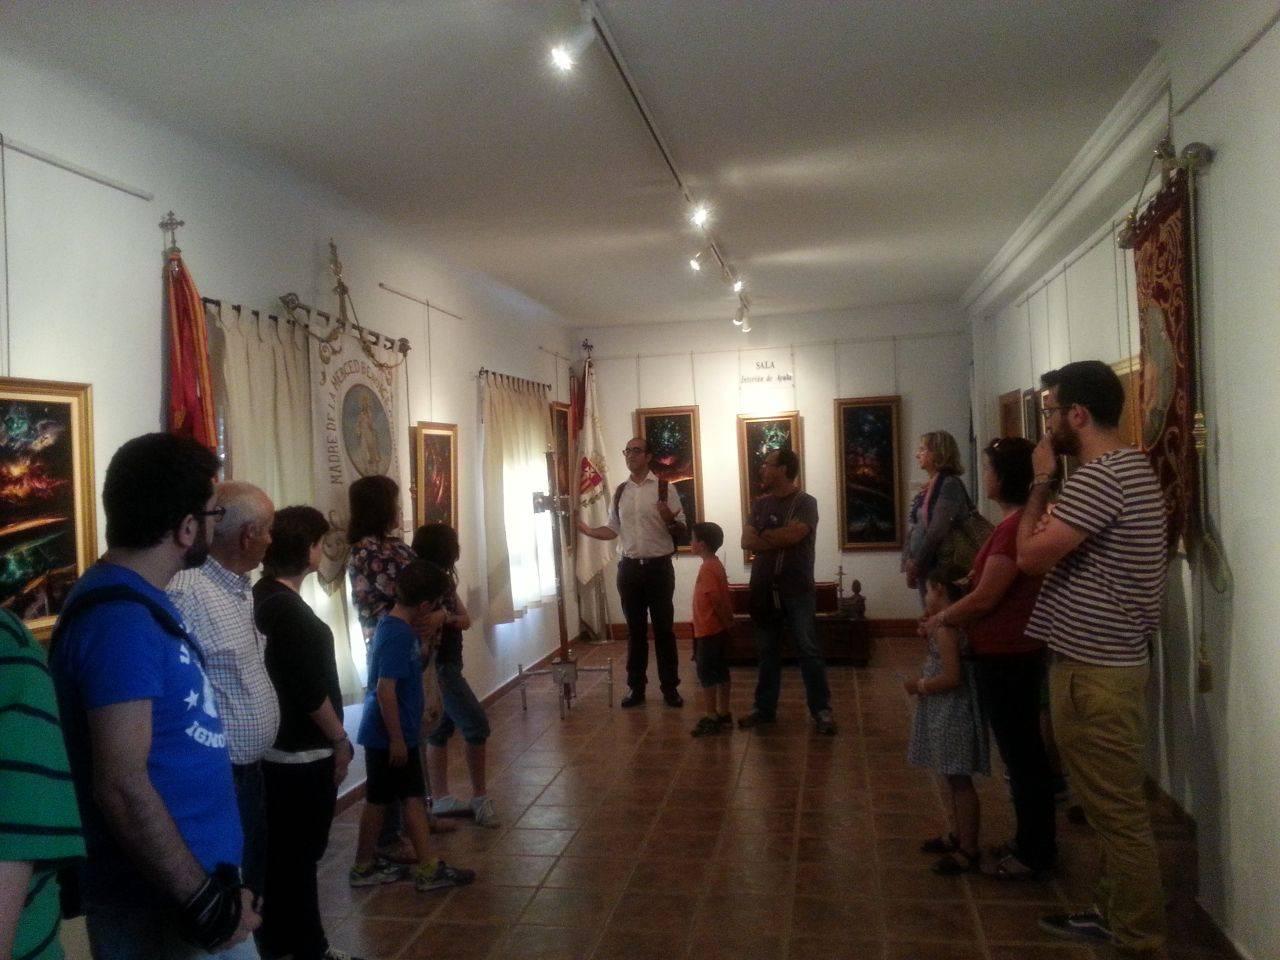 visita casa museo de la merced de herencia 16 05 2015 6 - Visita a la casa-museo de La Merced para conmemorar el Día Internacional de los Museos